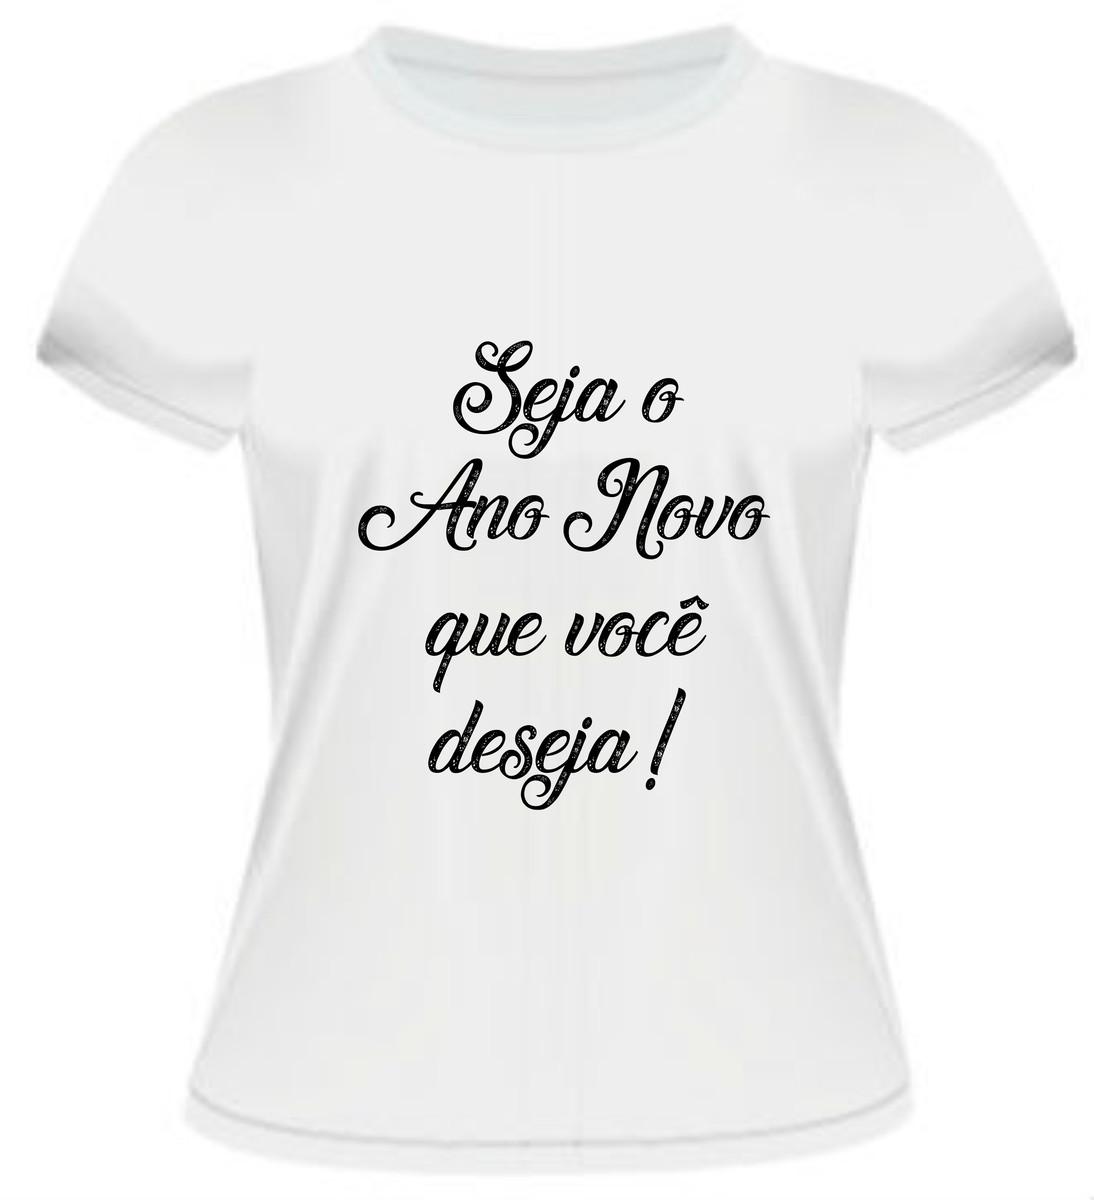 a4d12d55a4 Zoom · Camiseta Seja o Ano Novo